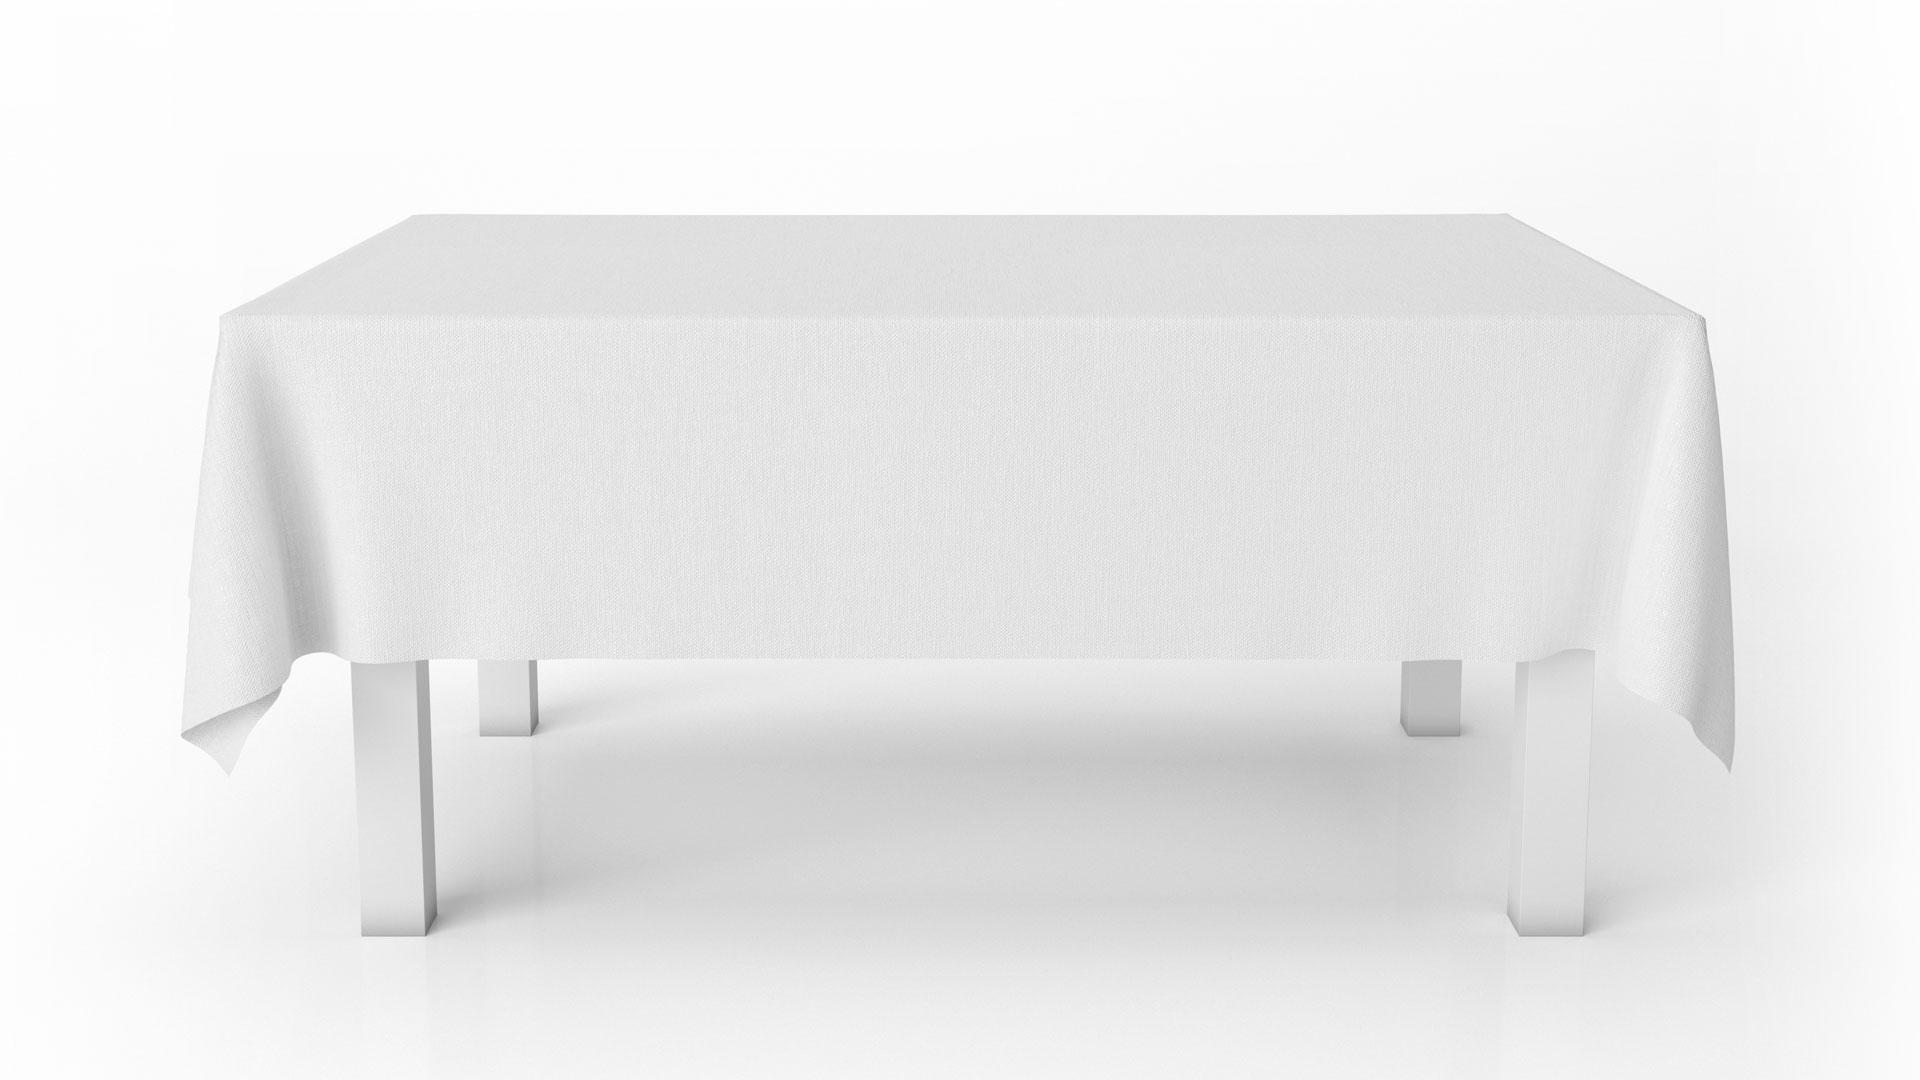 Как рисовать стол вофронтальной перспективе